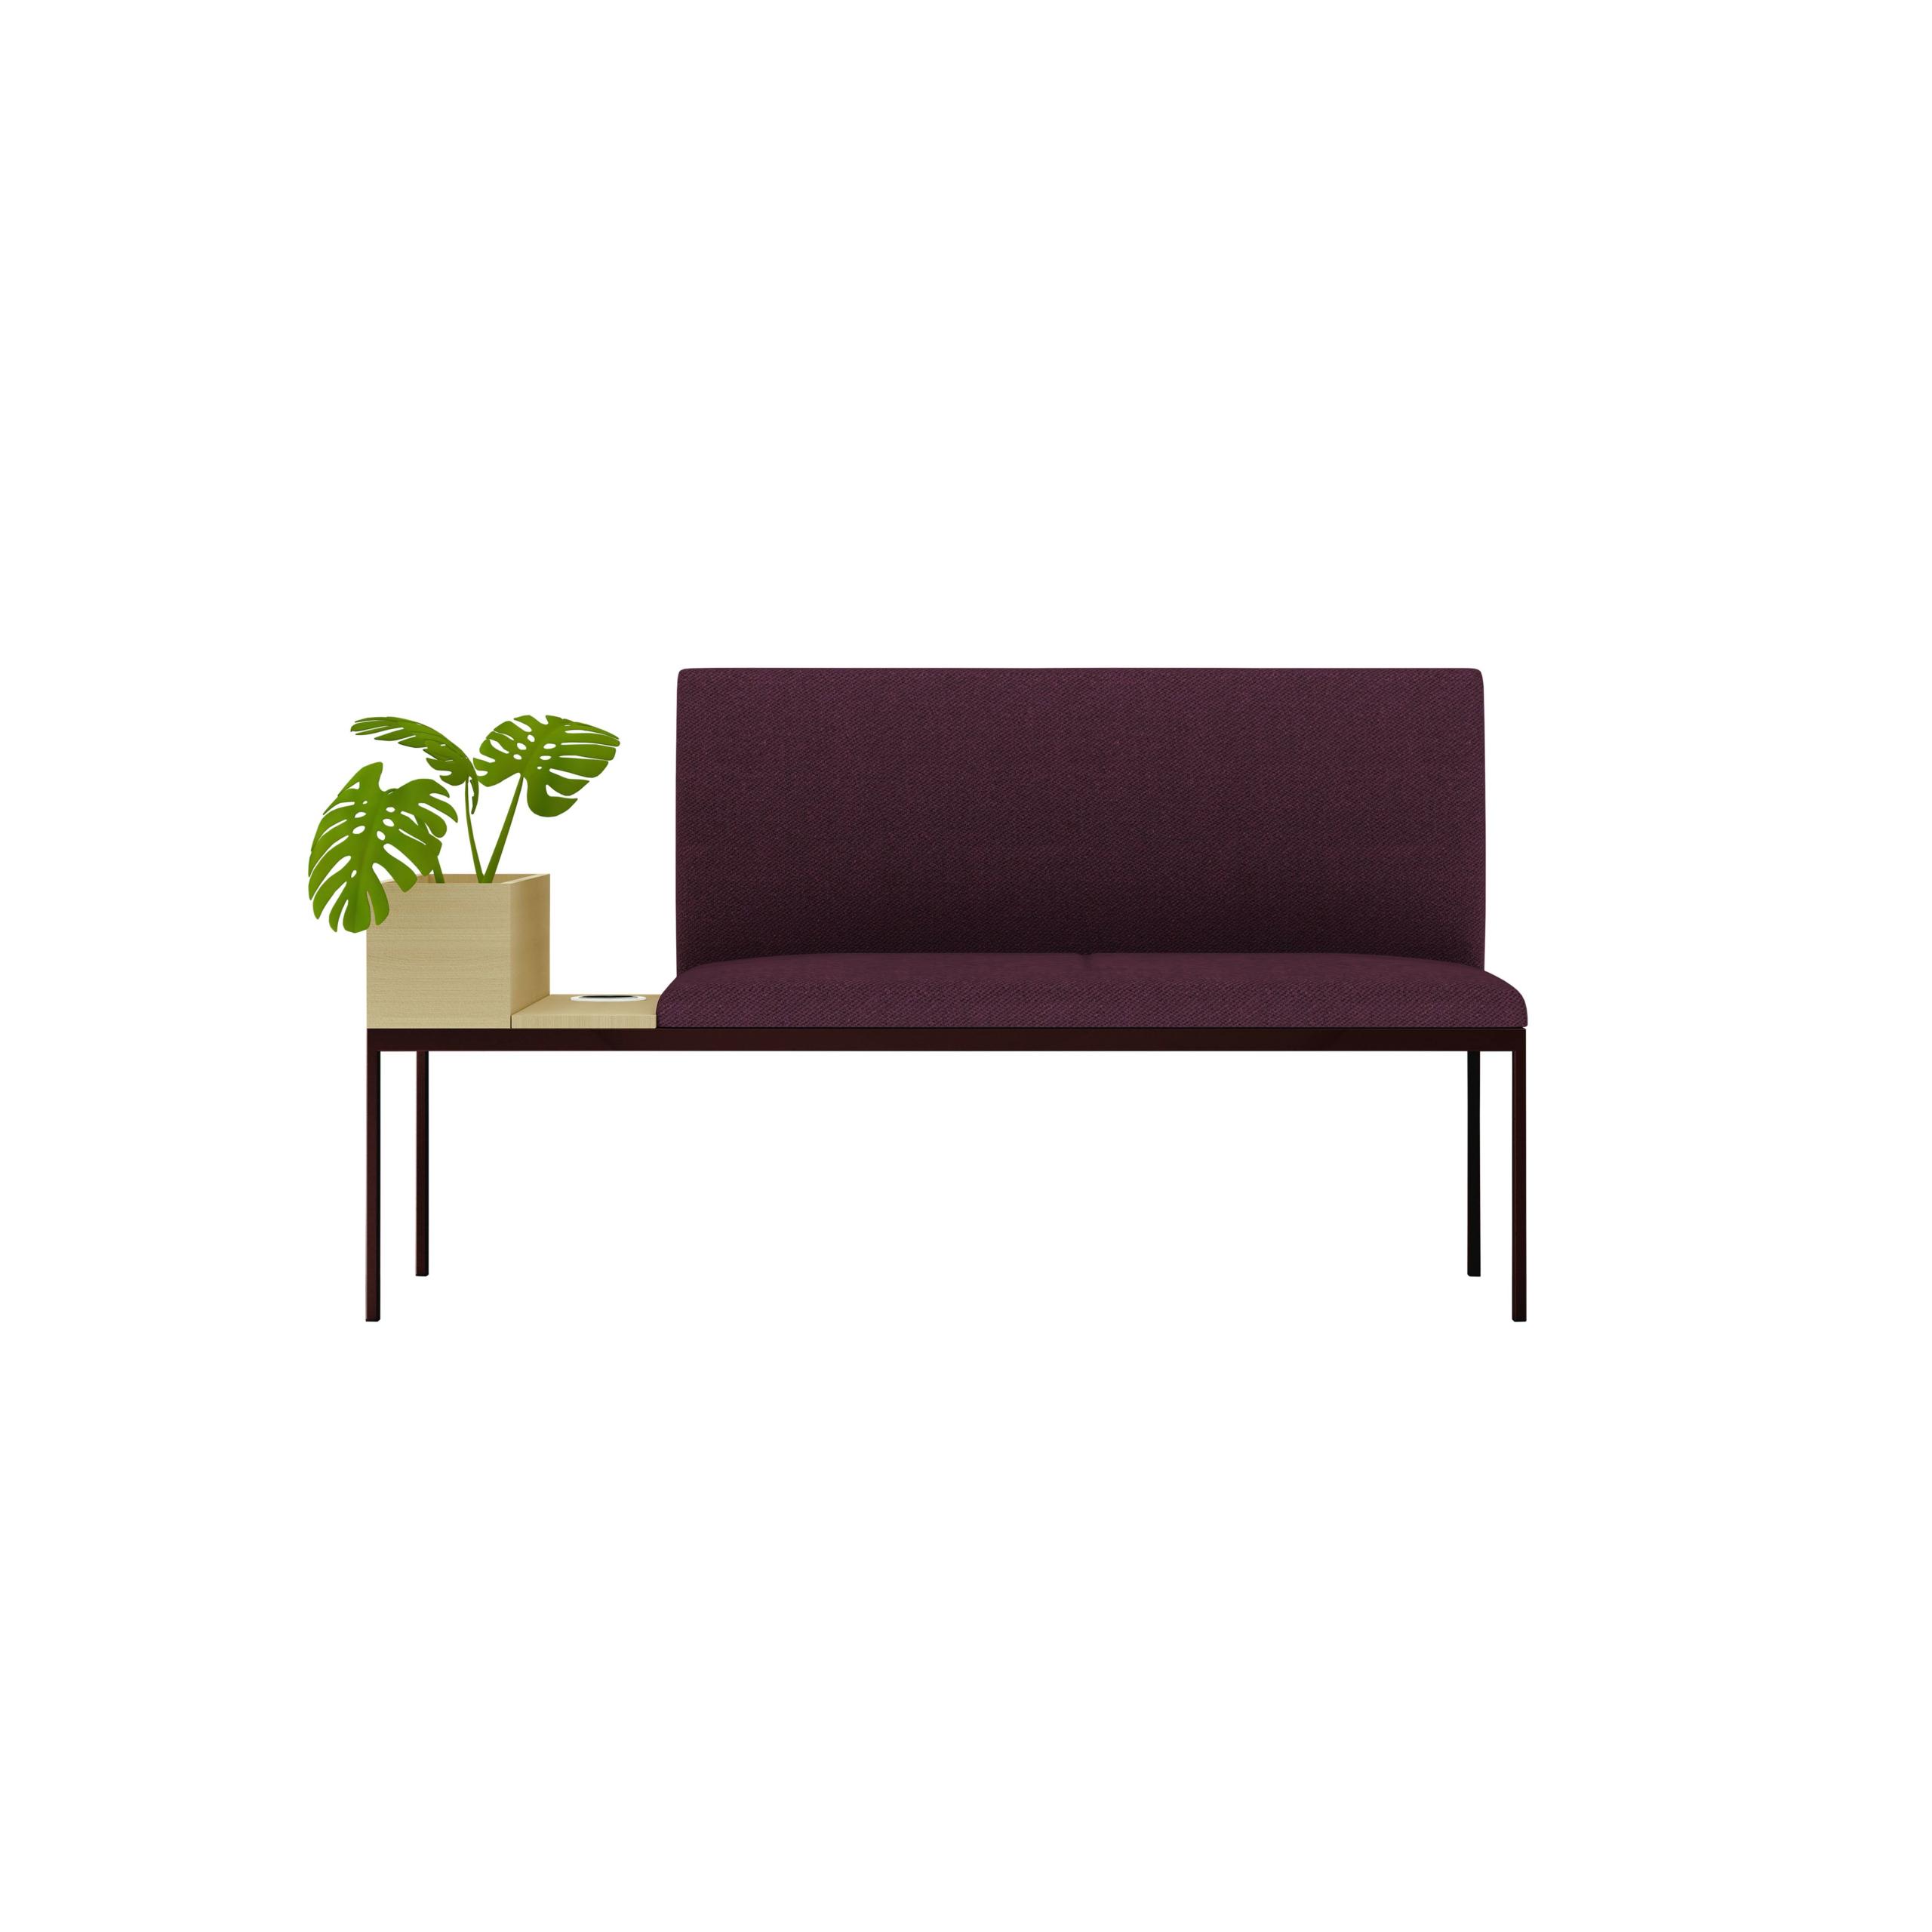 Create Seating Byggbara moduler: sittmöbler, förvaring och rum-i rum produktbild 2